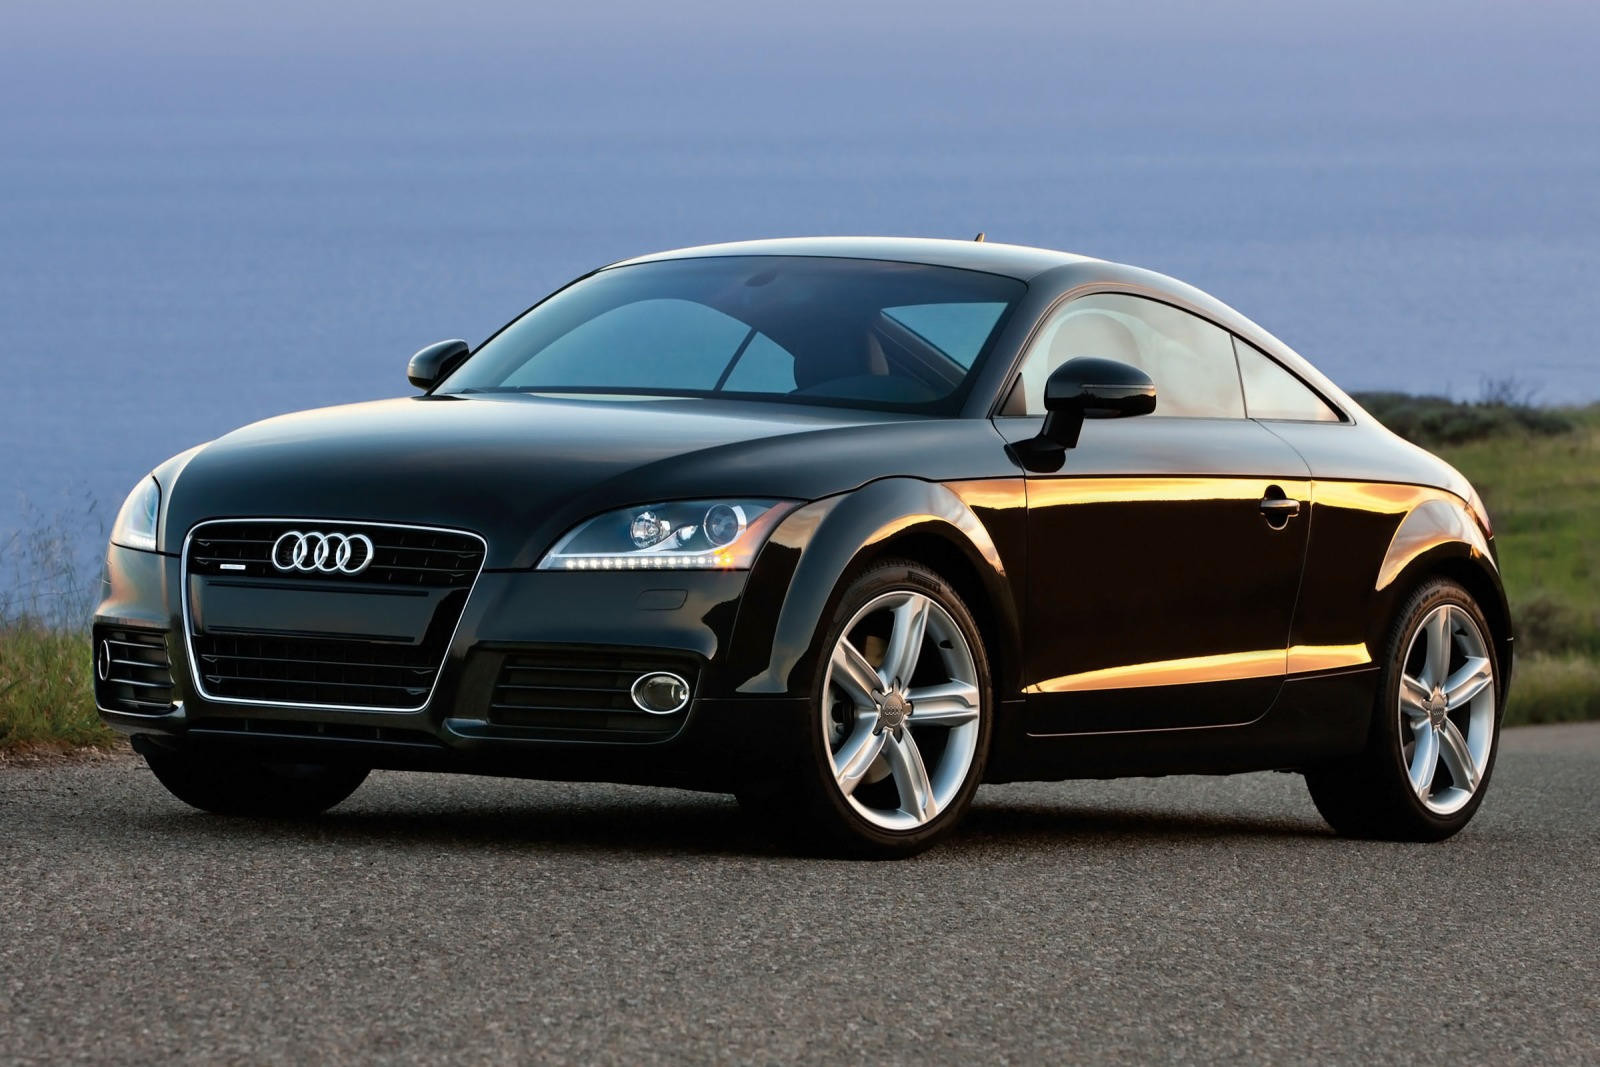 2012 audi tt coupe 20t premium plus quattro fq oem 2 1600